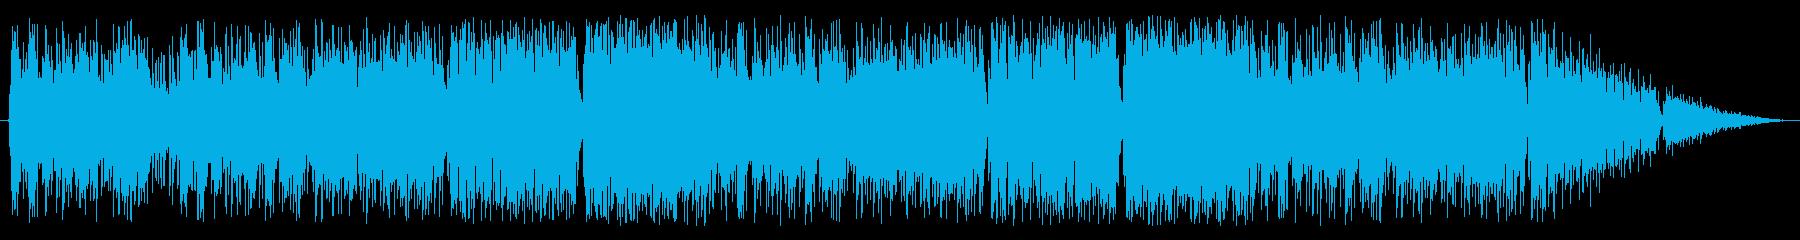 ケルト調の戦闘曲の再生済みの波形